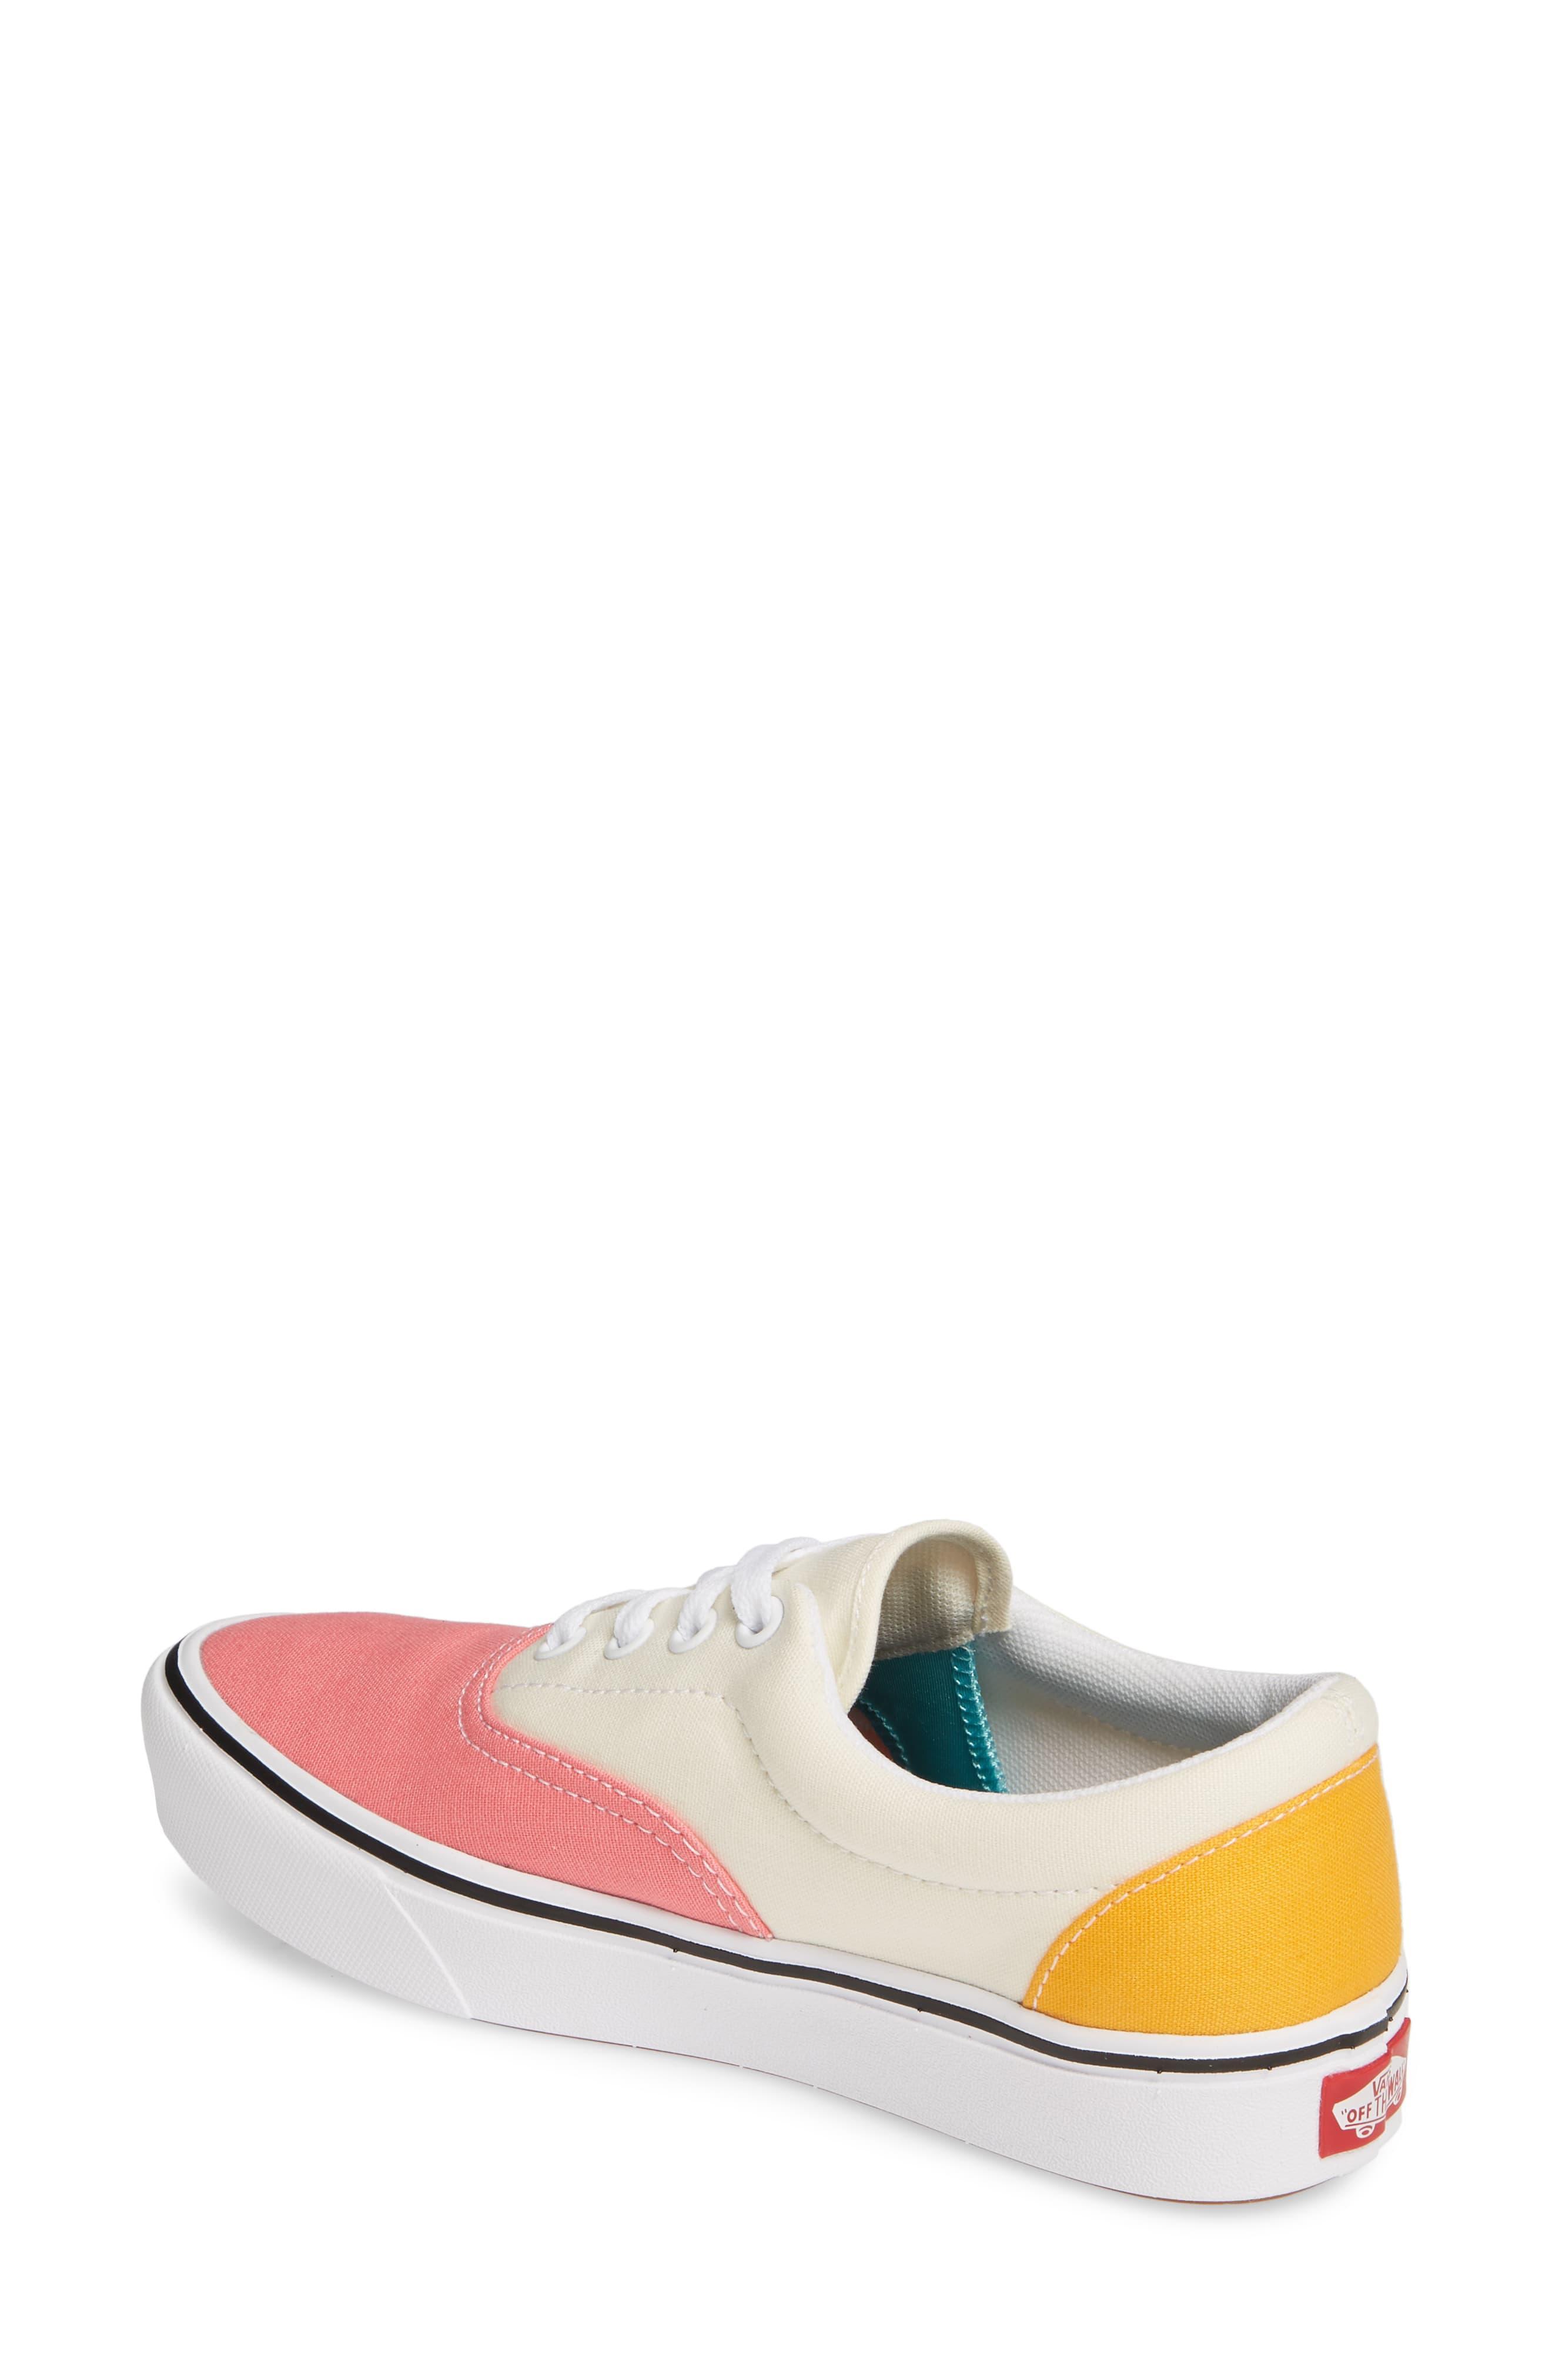 Vans Multicolor Comfycush Era Colorblock Sneaker